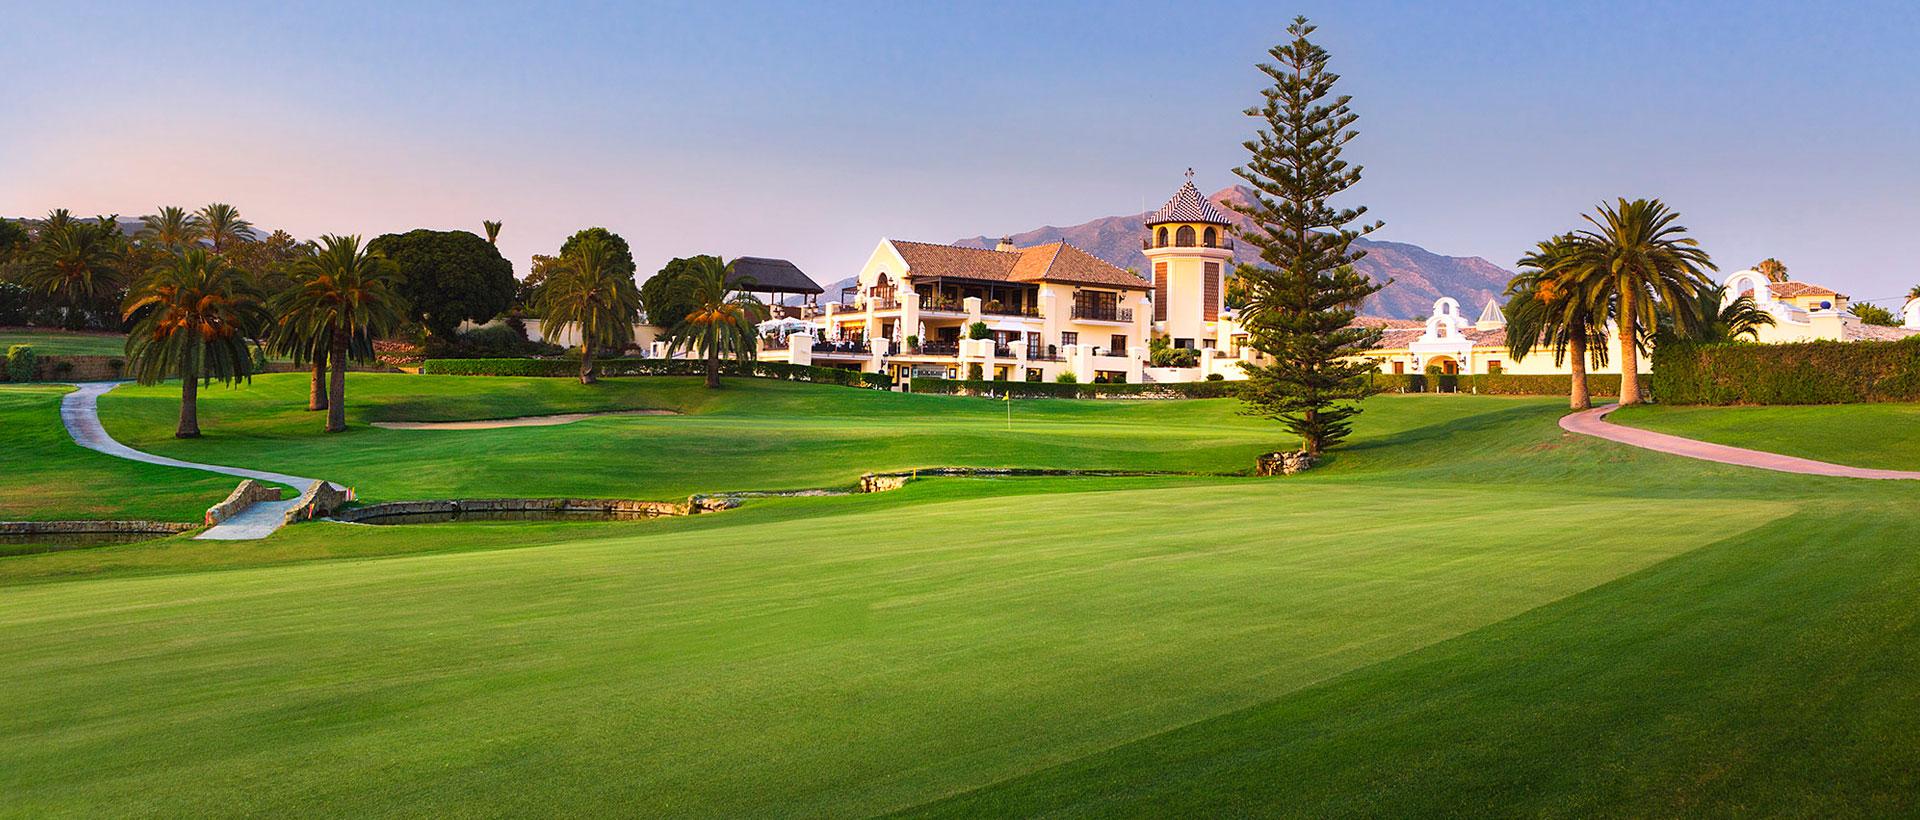 Nueva Andalucia the golf valley - Marbella Unique Properties